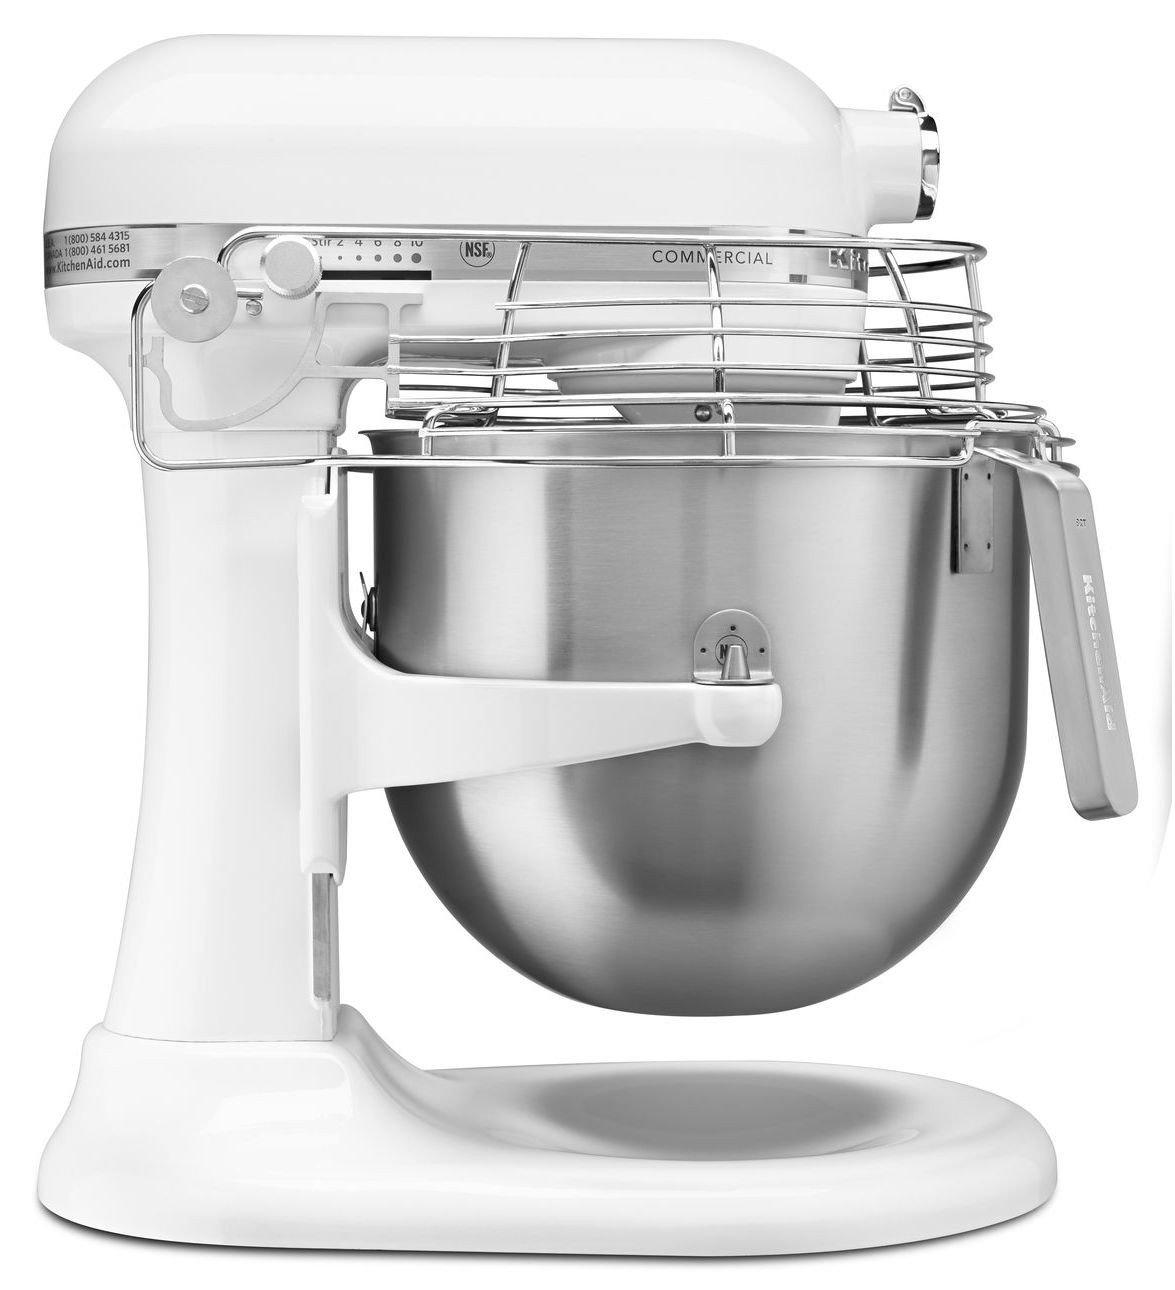 【美國KitchenAid】8QT商用升降式攪拌機 3KSMC895TWH 台灣公司貨保固